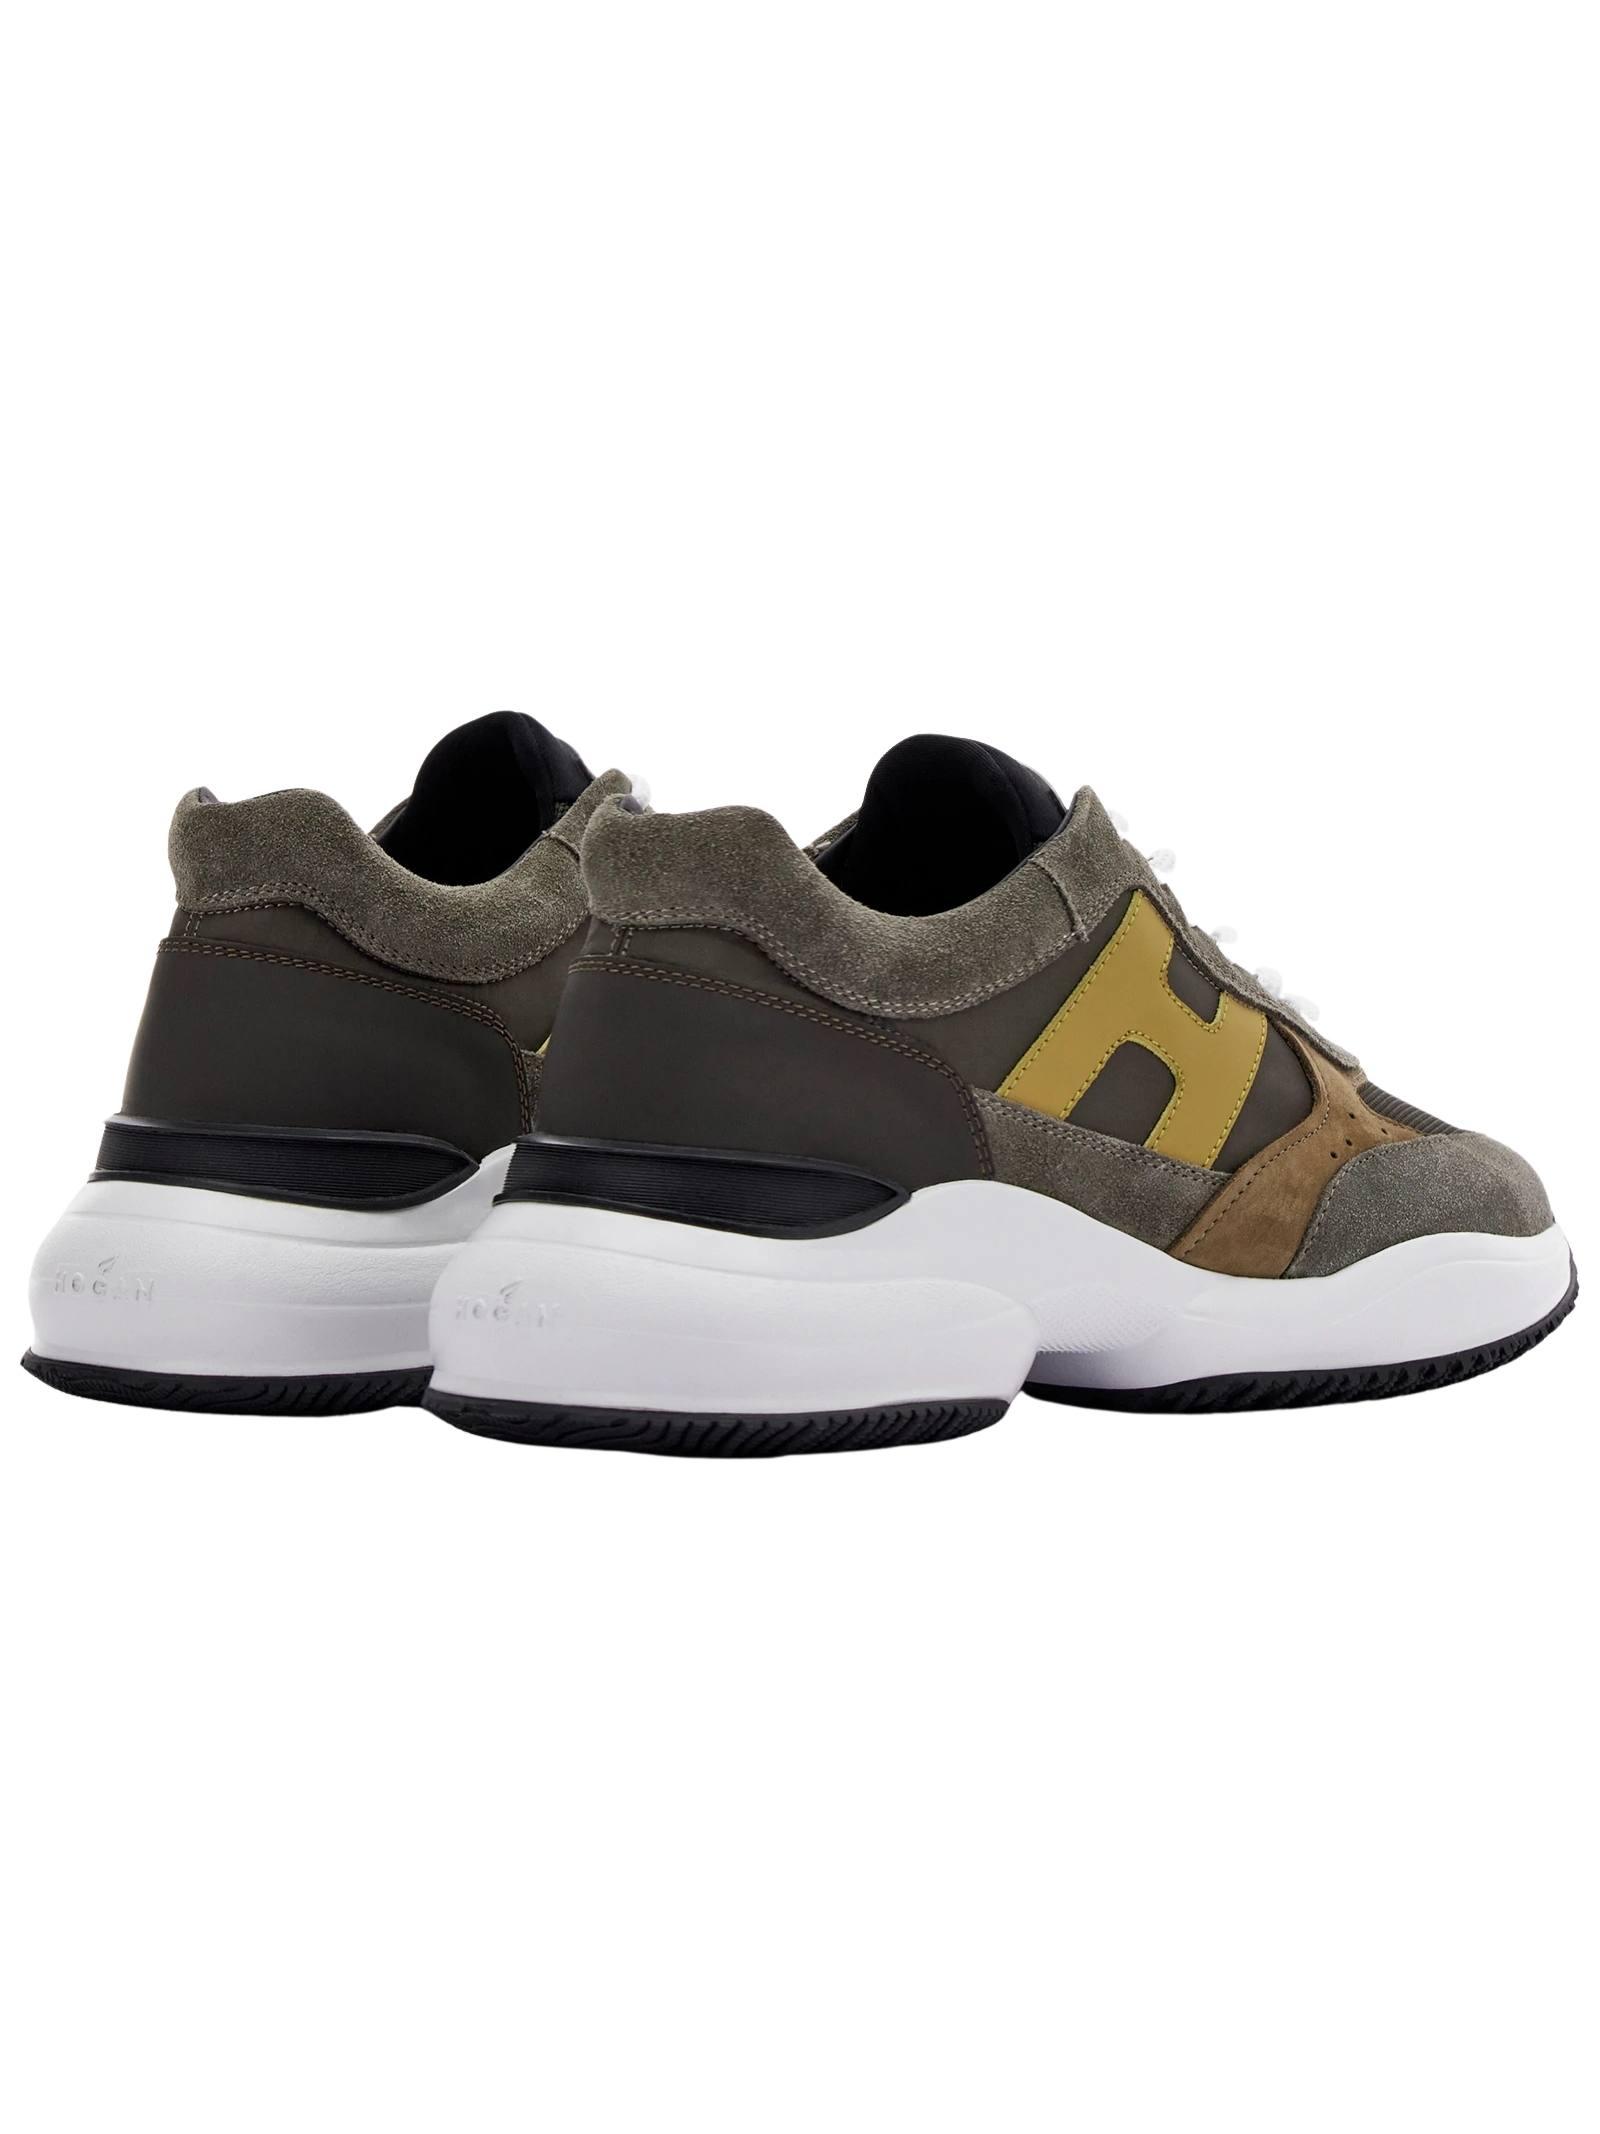 Sneakers Hogan in camoscio